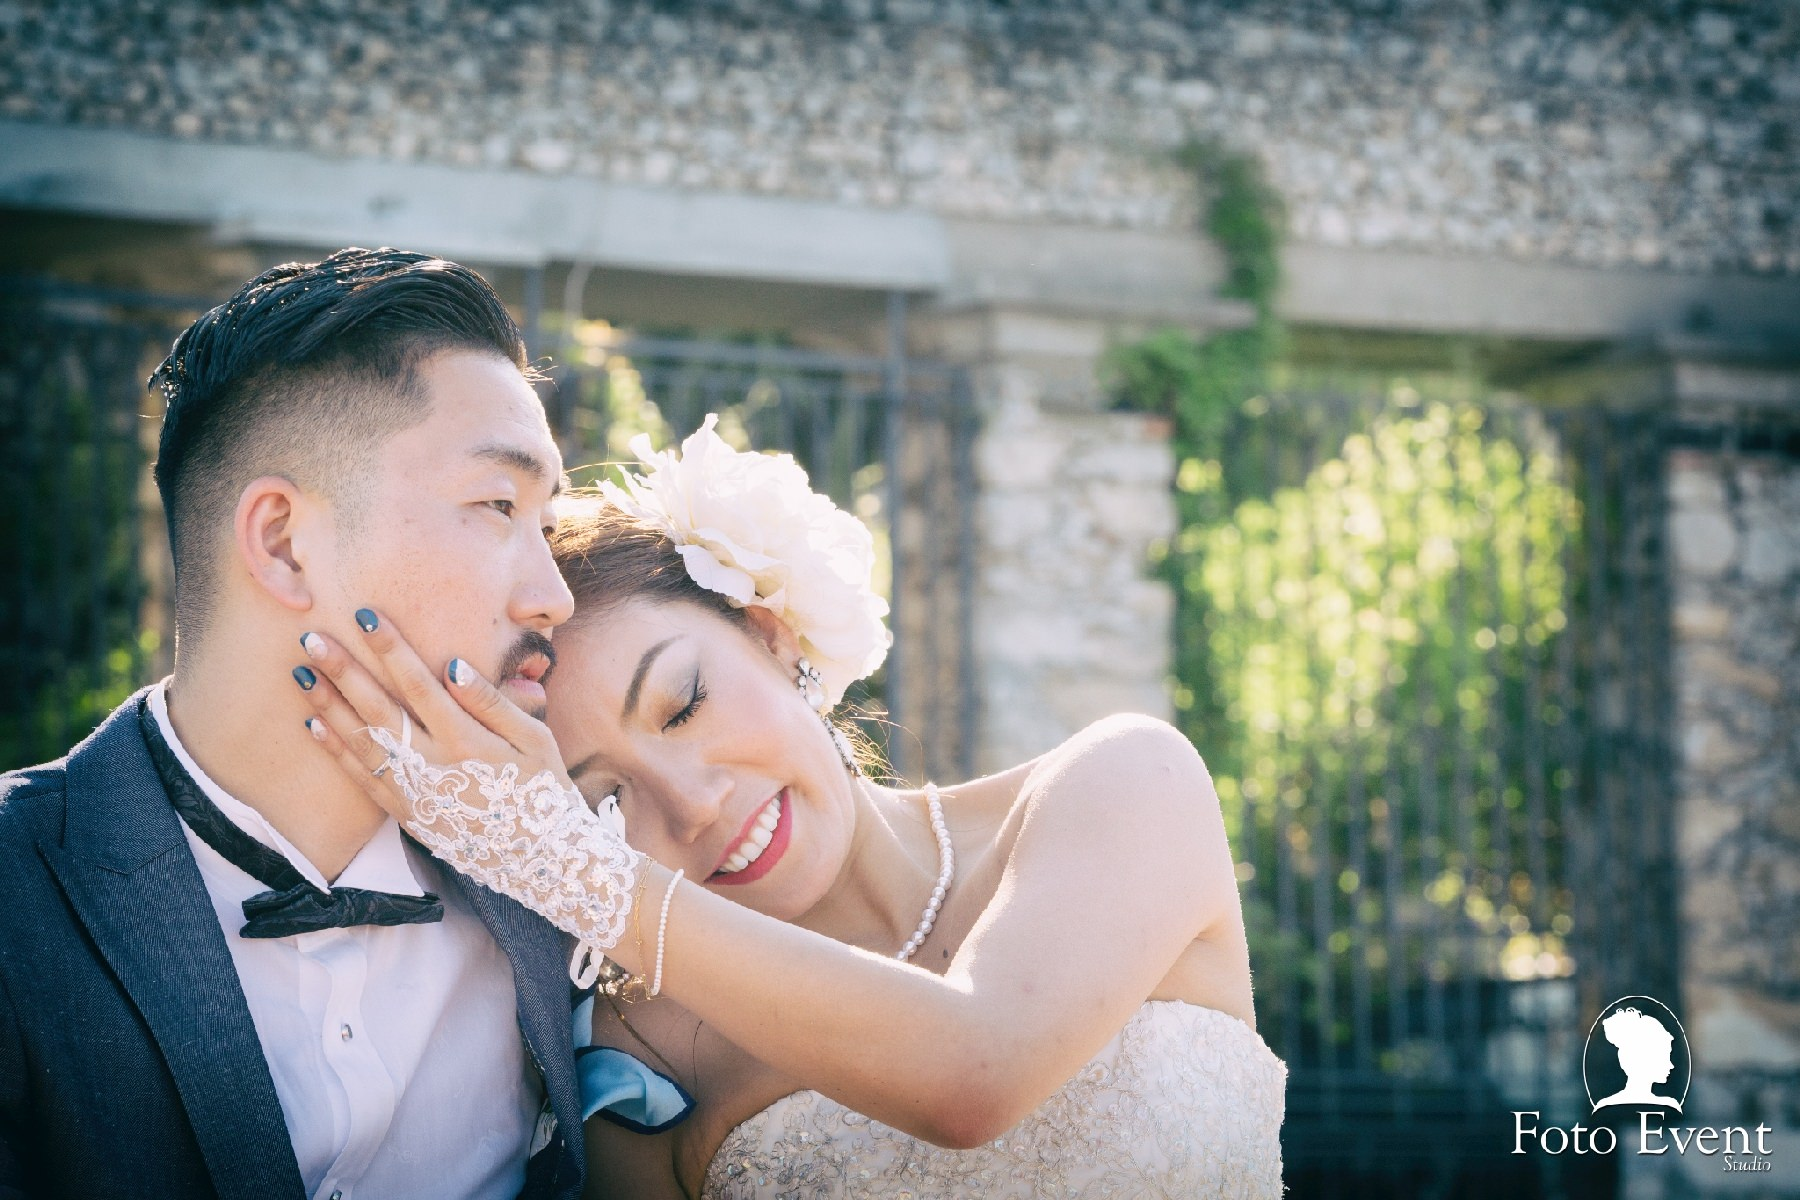 2017-07-15 Matrimonio Sayaka e Keiichi Ando zoom 594 CD FOTO